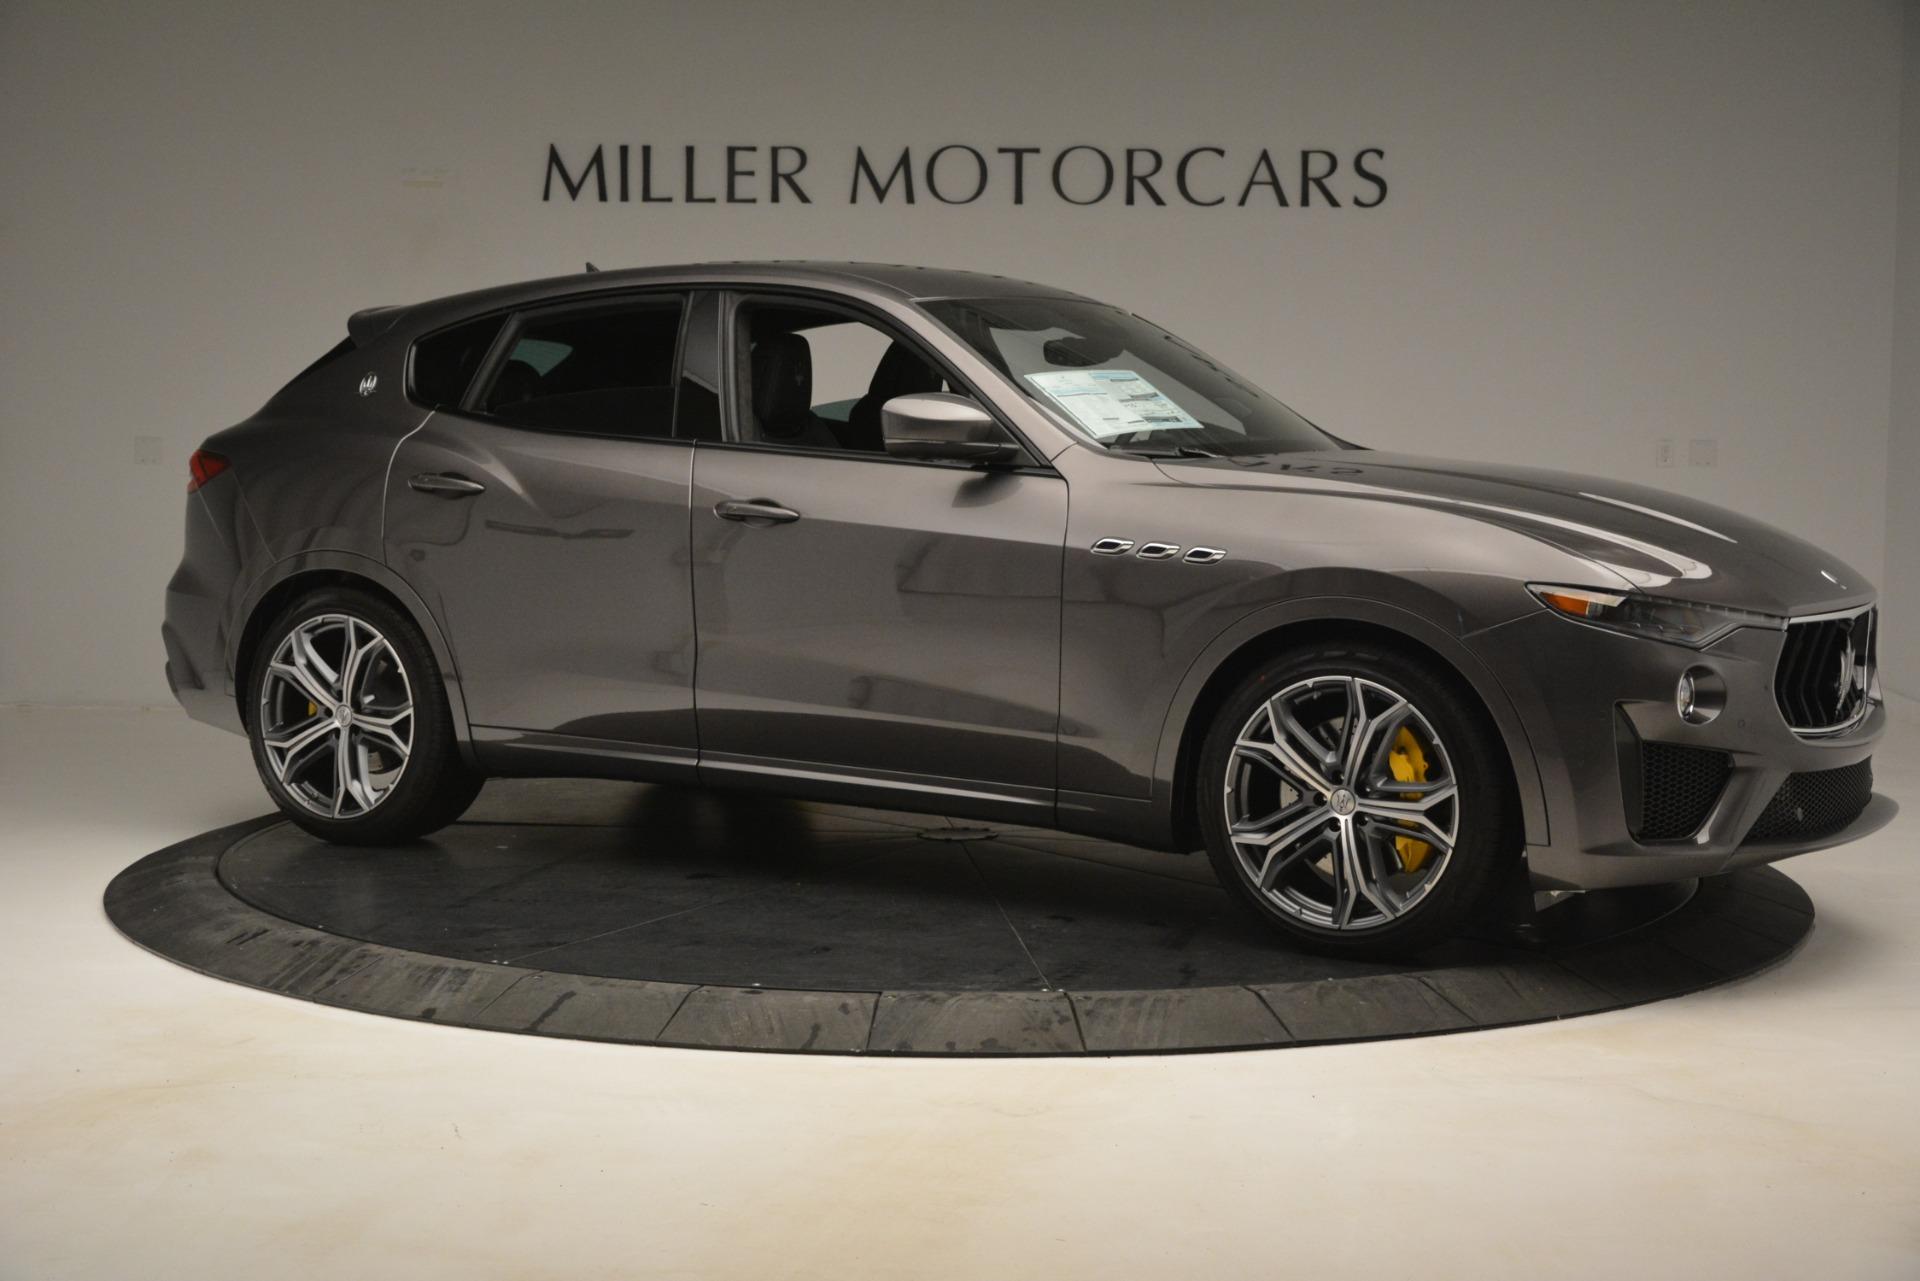 New 2019 Maserati Levante GTS For Sale In Greenwich, CT 3015_p10